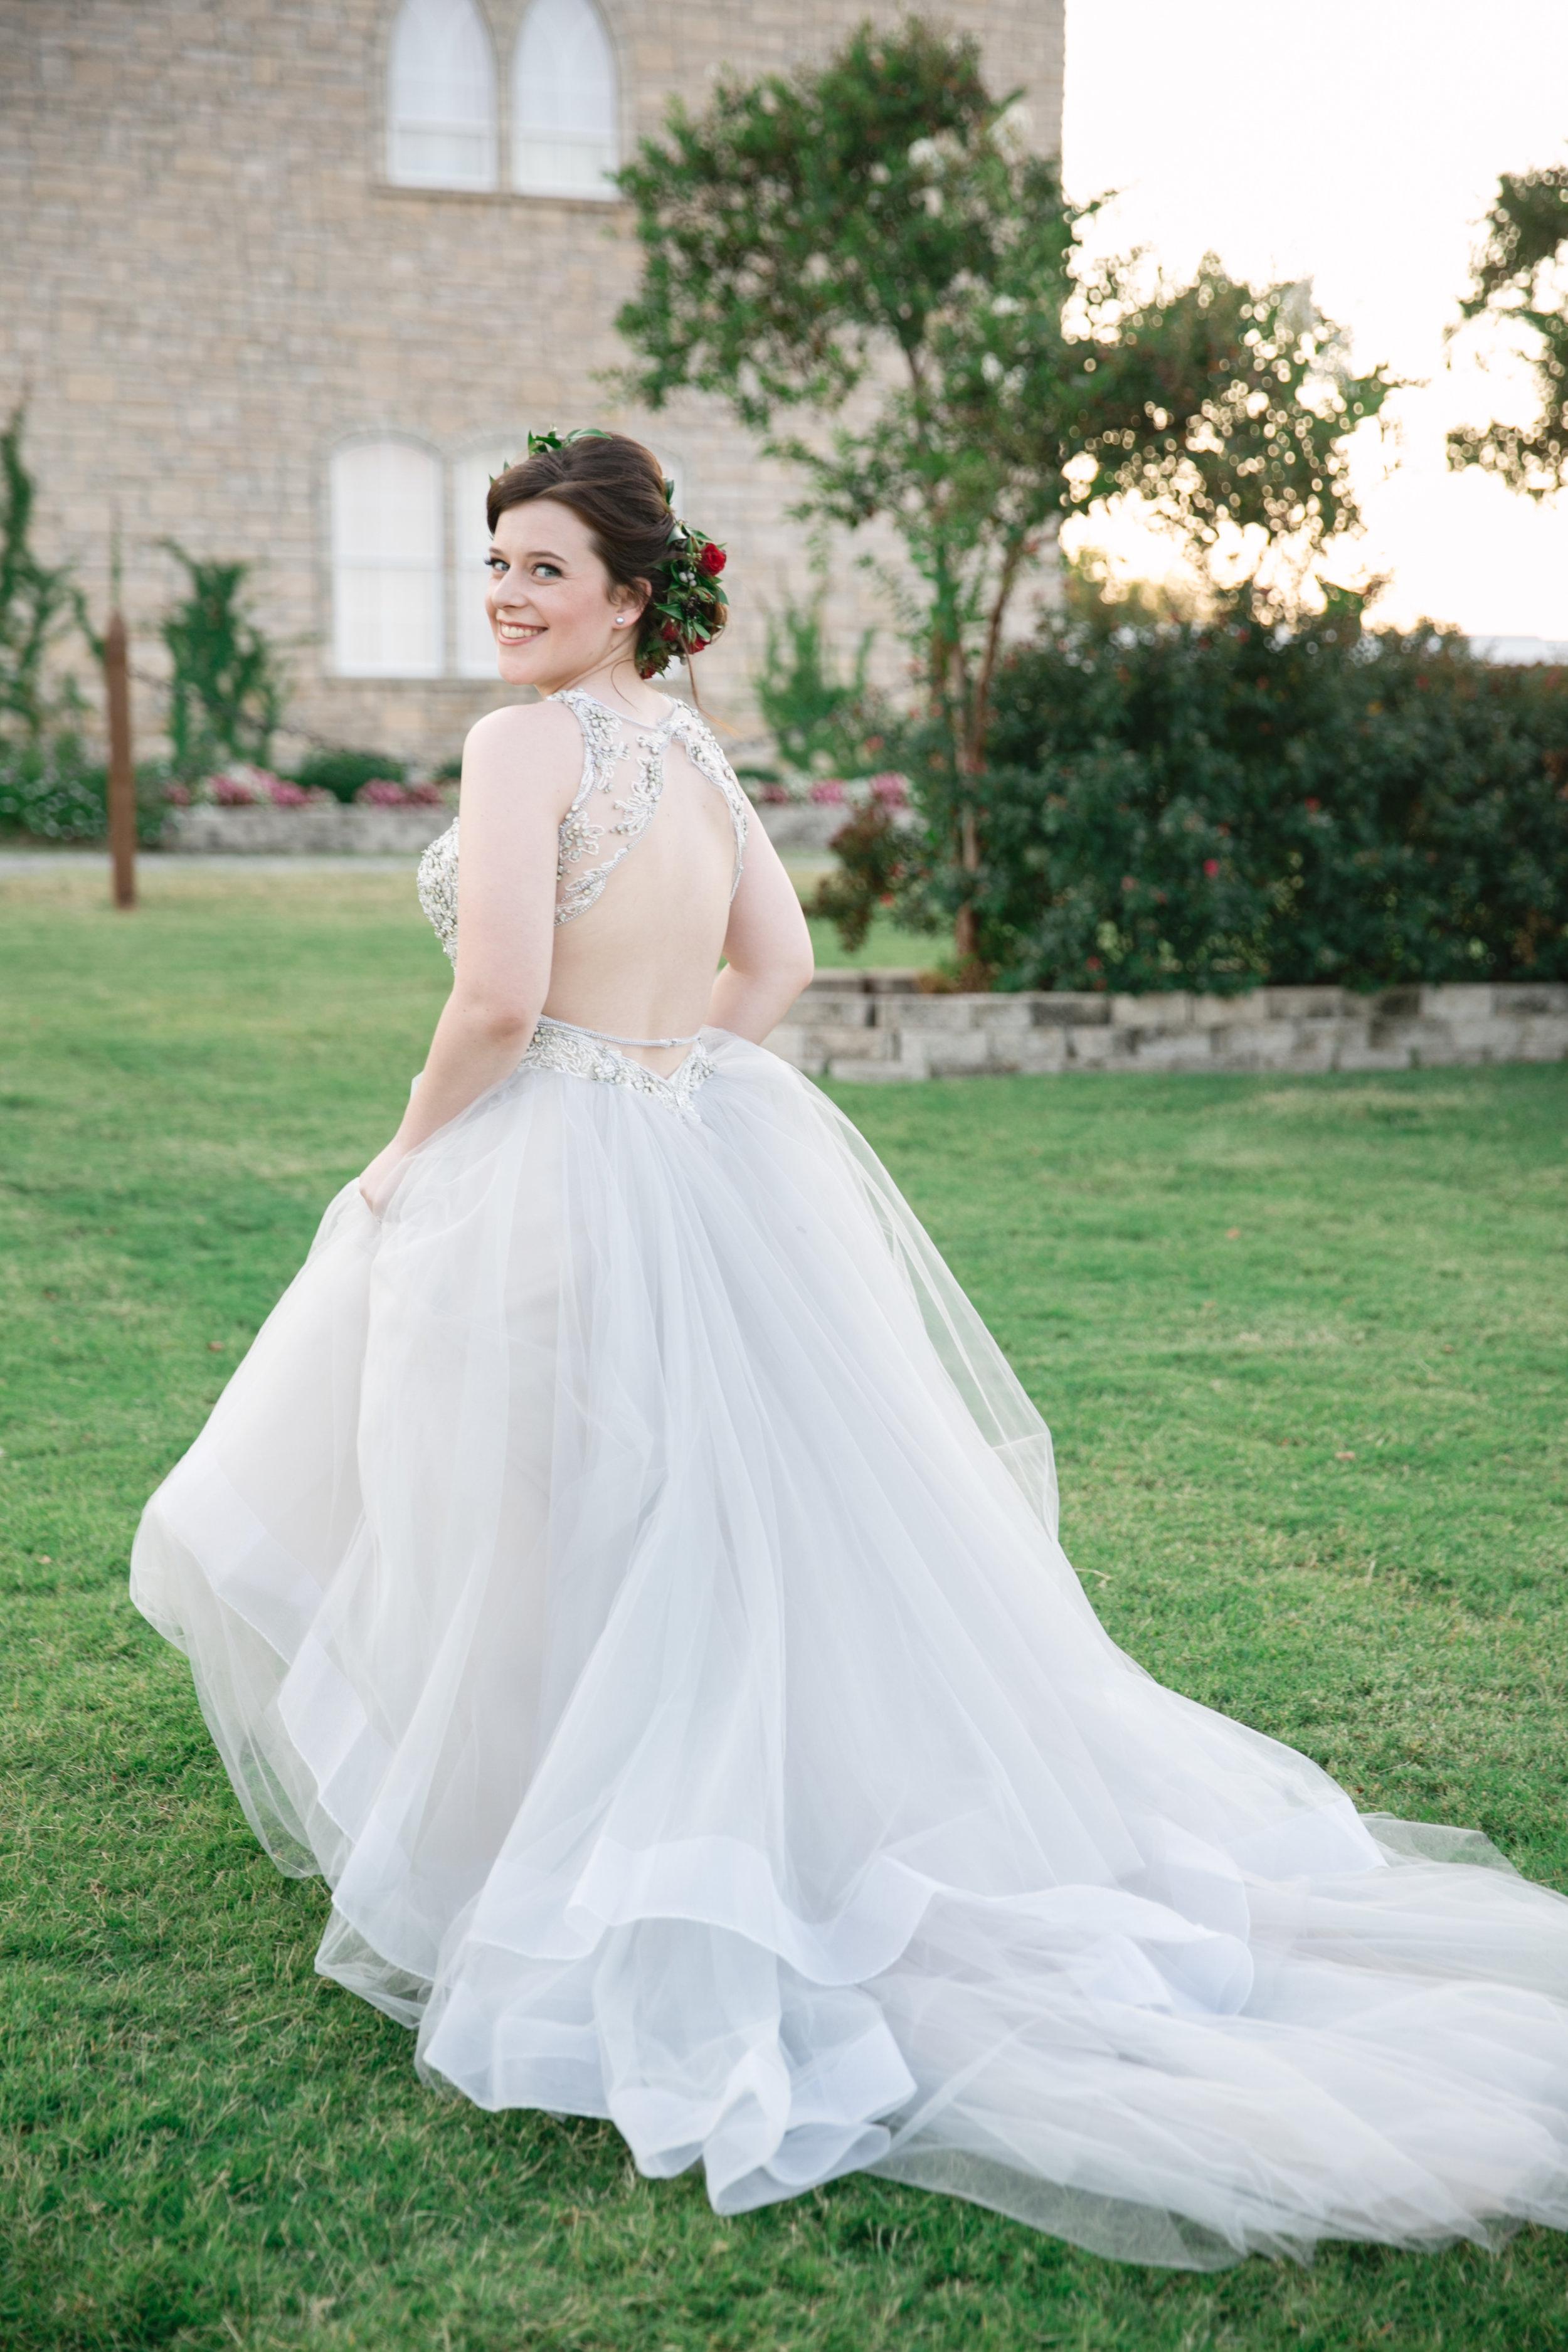 AnnaMarie-bridal-26.JPG